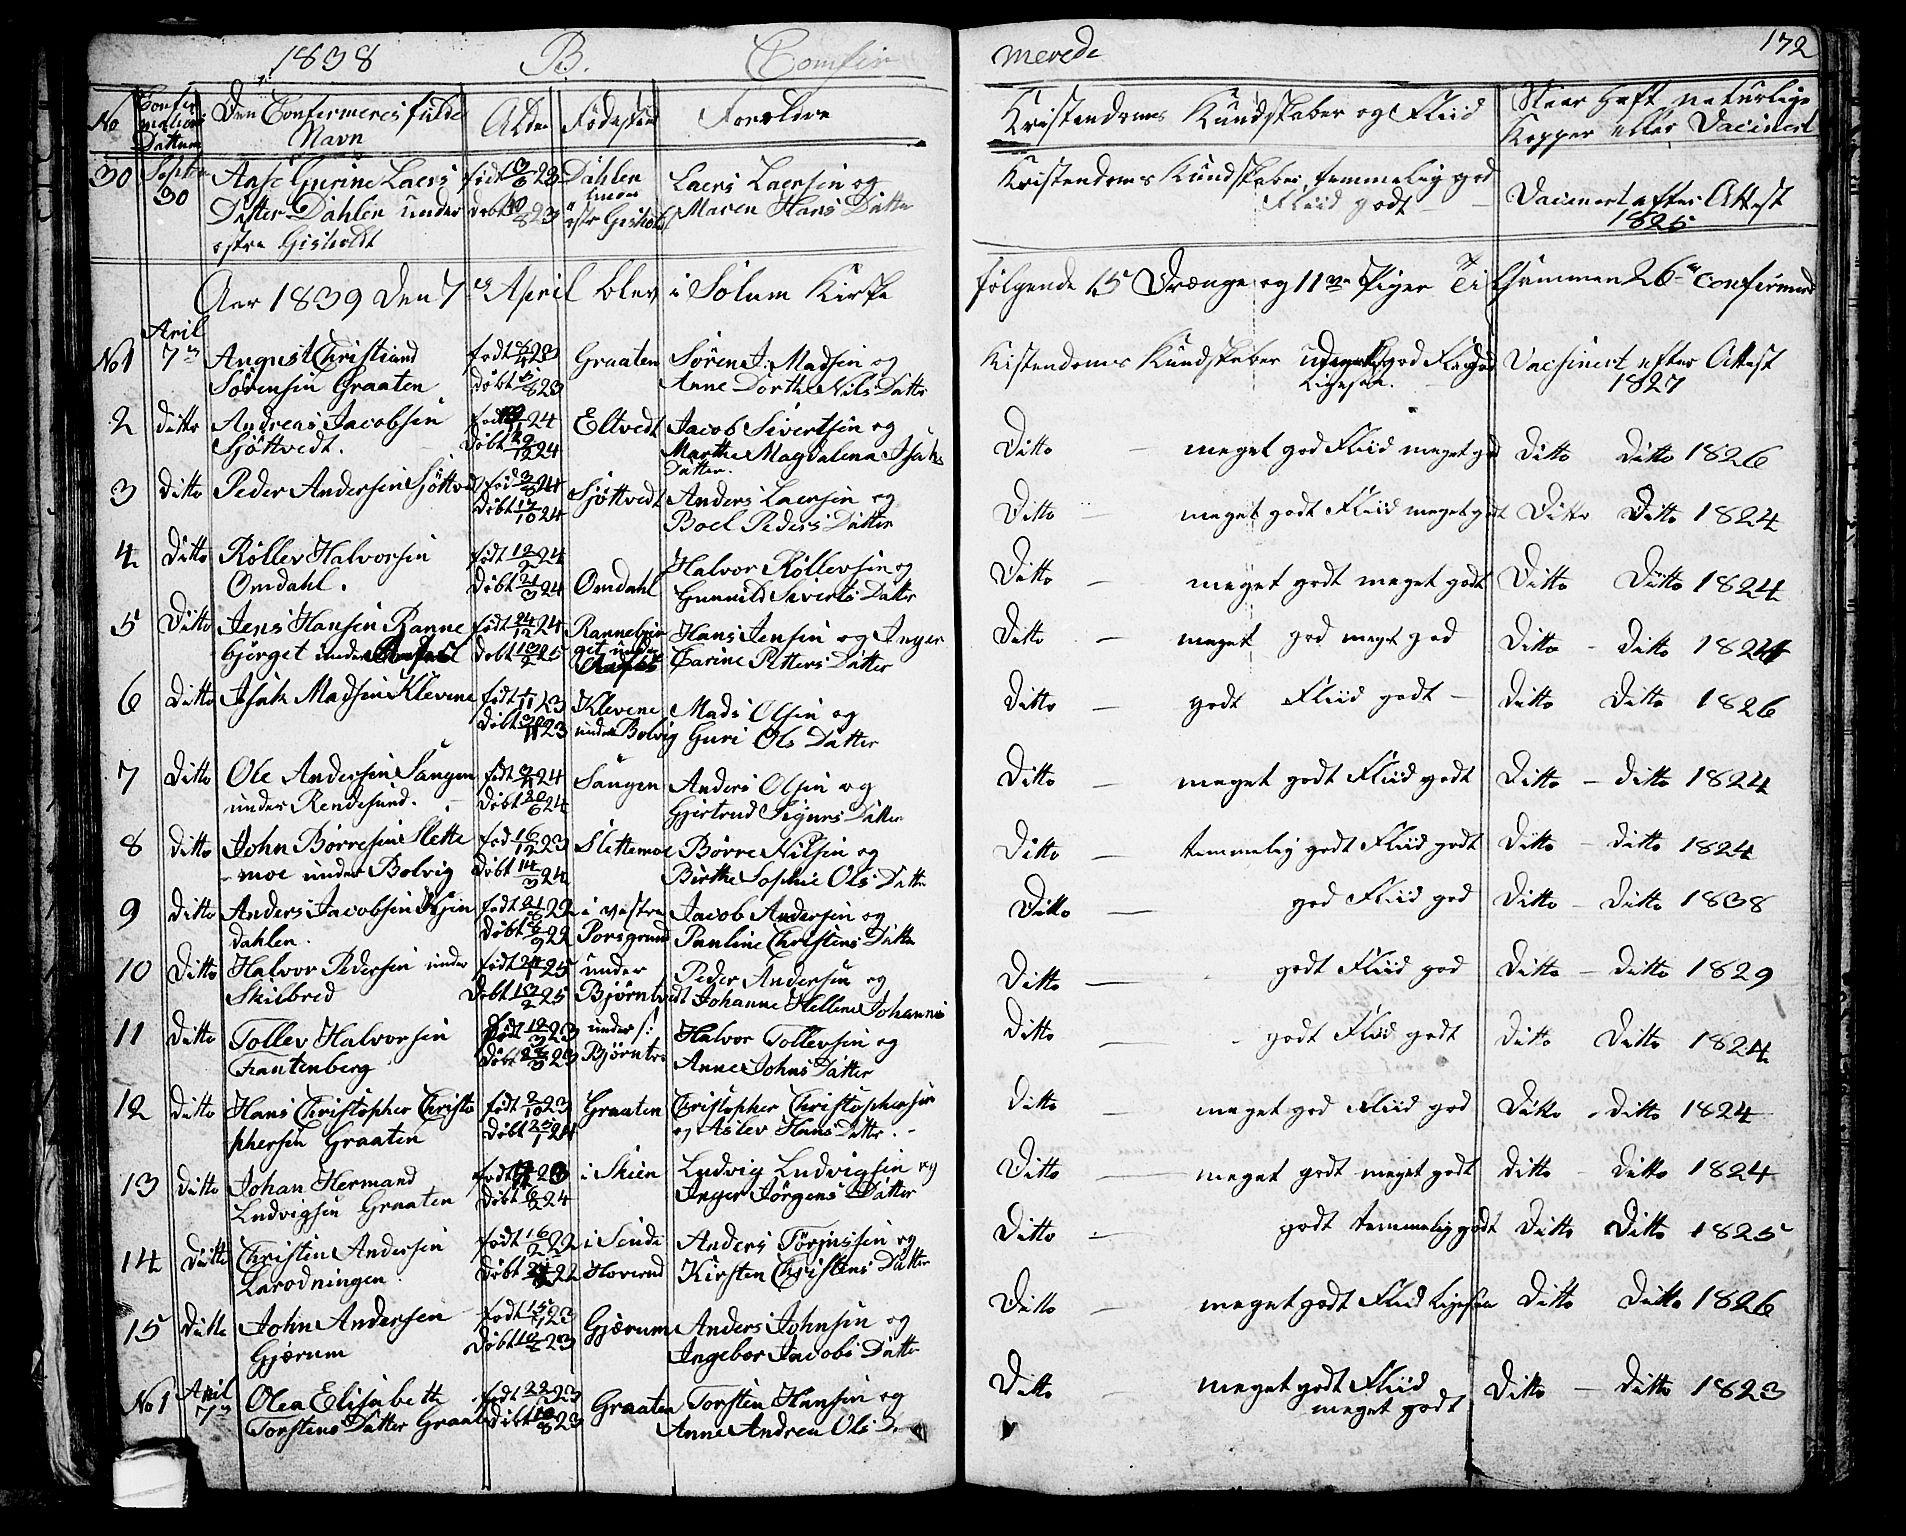 SAKO, Solum kirkebøker, G/Ga/L0002: Klokkerbok nr. I 2, 1834-1848, s. 172